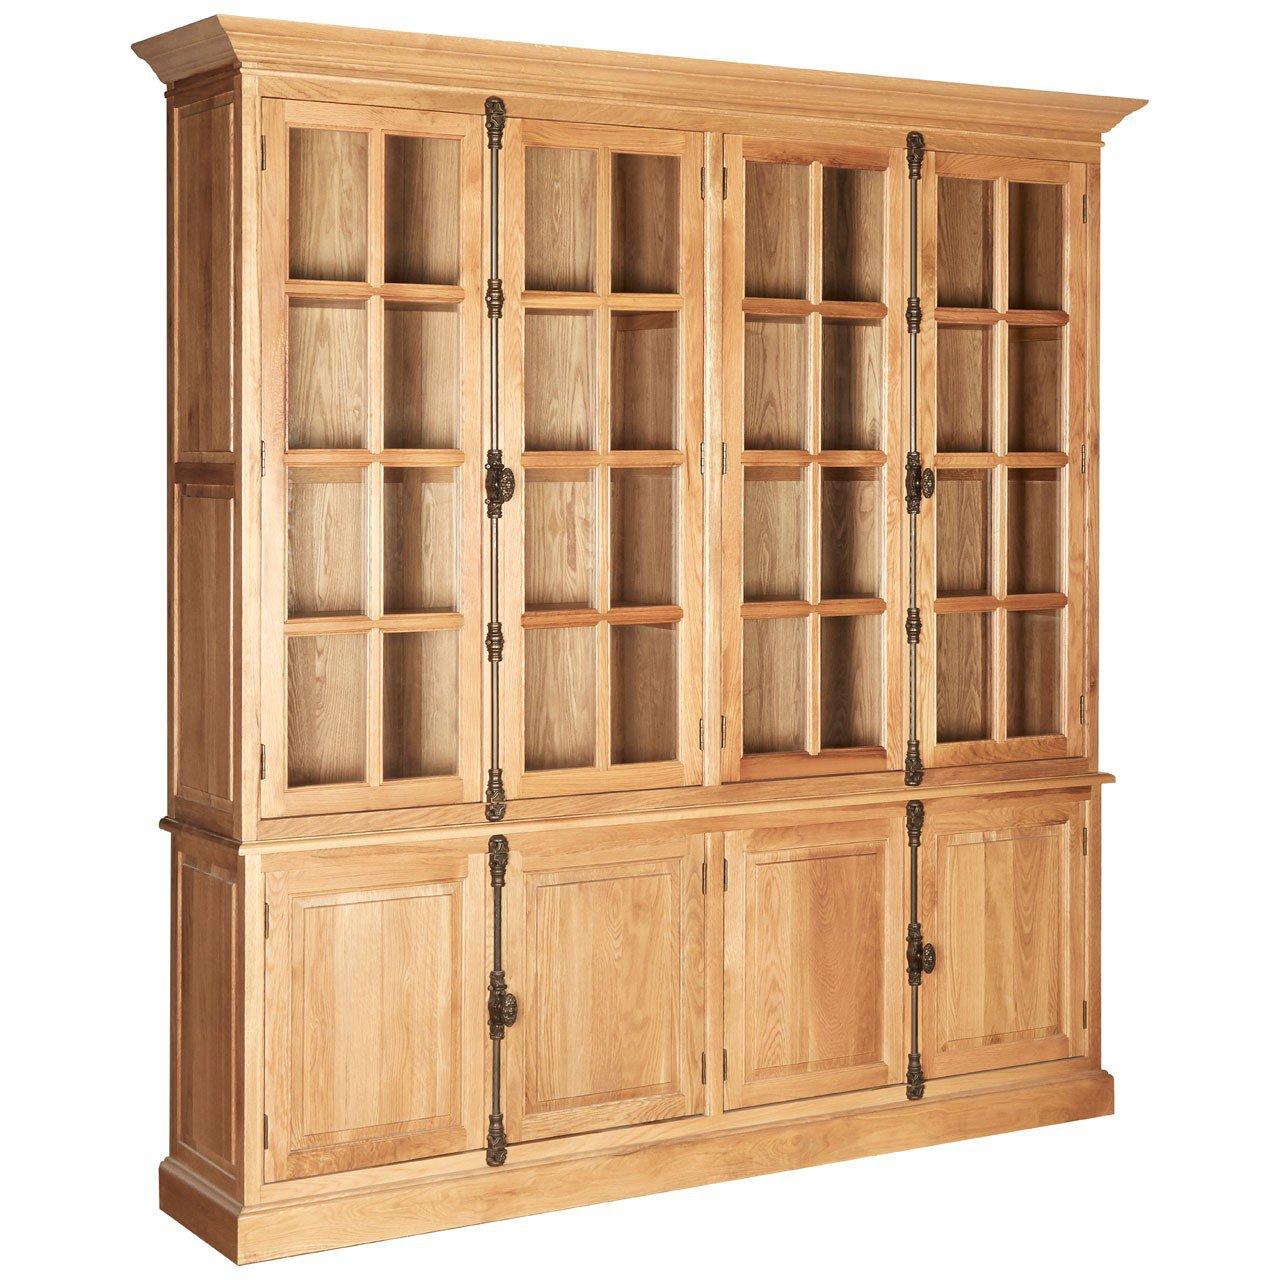 image-Premier Lyon Oak Furniture Wide Display Cabinet